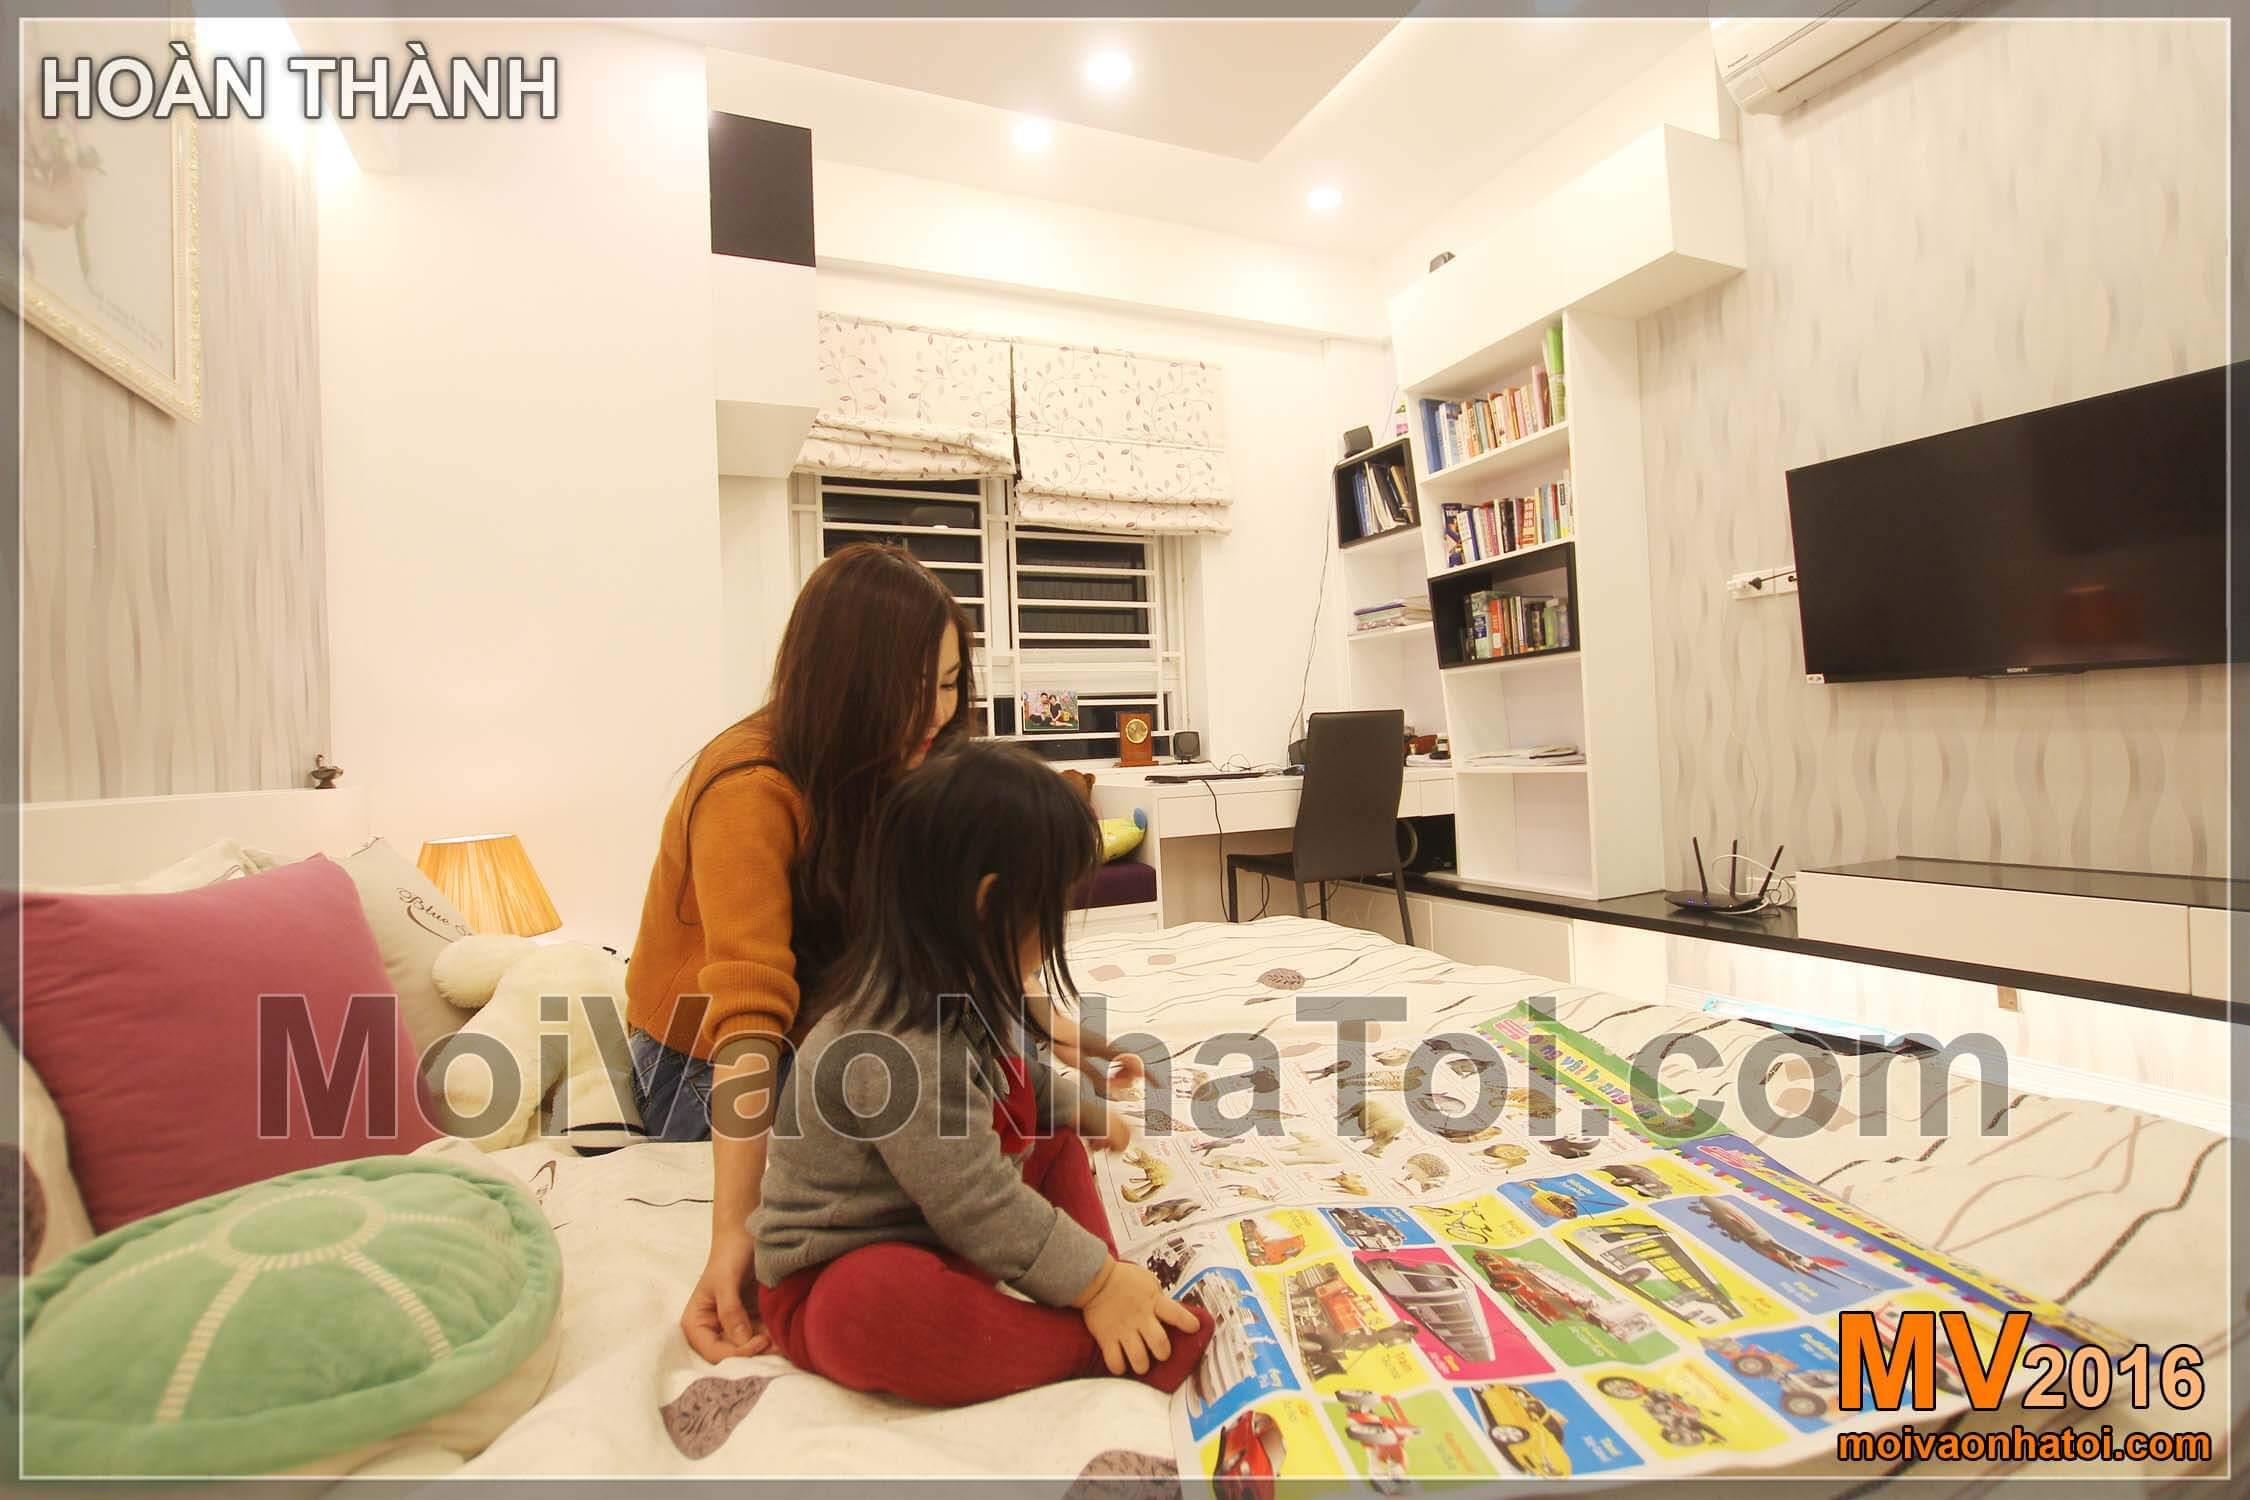 Thiết kế phòng ngủ vợ chồng đẹp hơn sau khi hoàn thiện nội thất